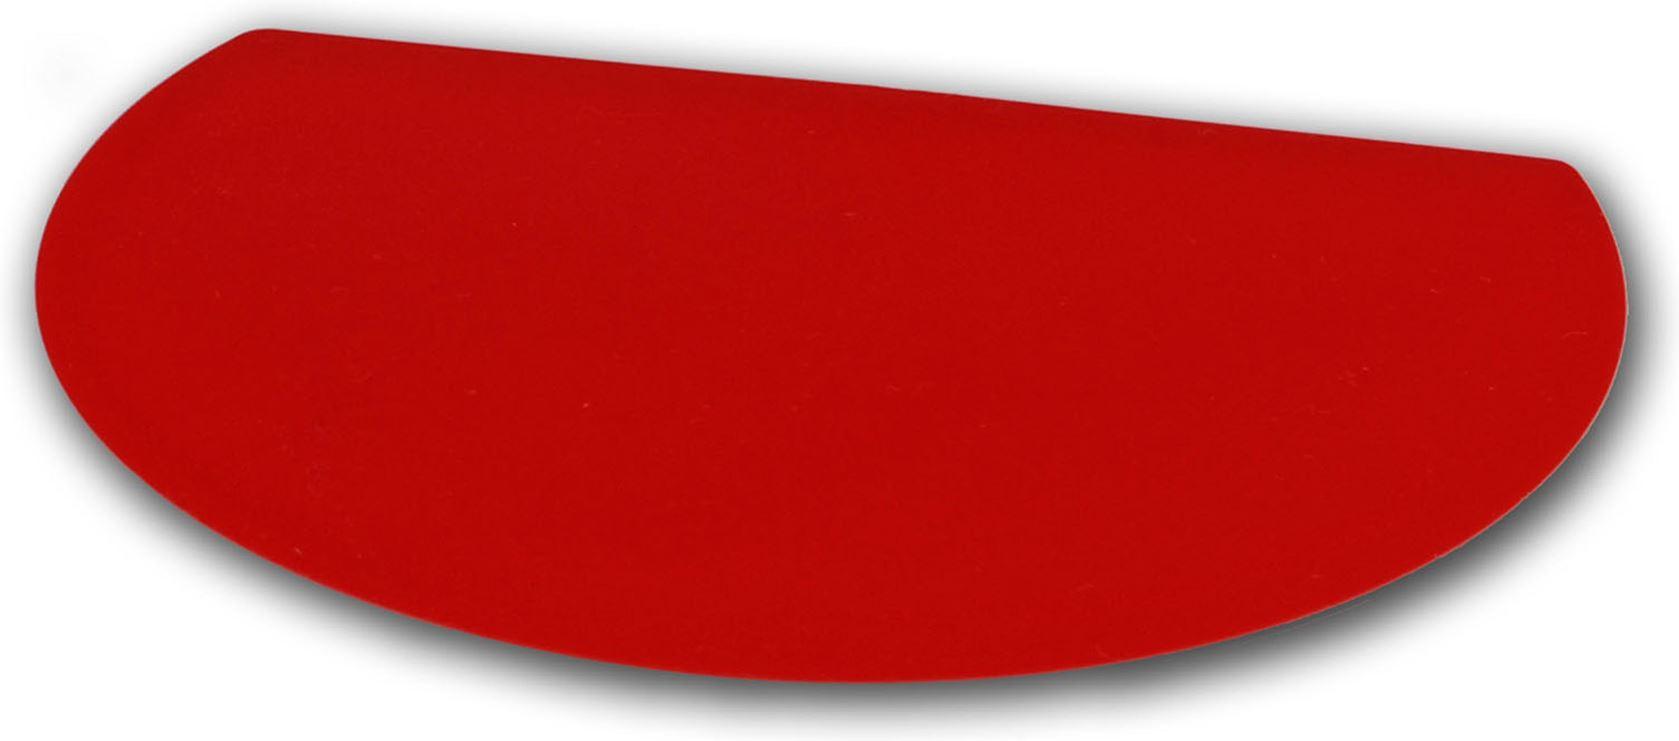 gobel deegschraper en-snijder kunststof rood